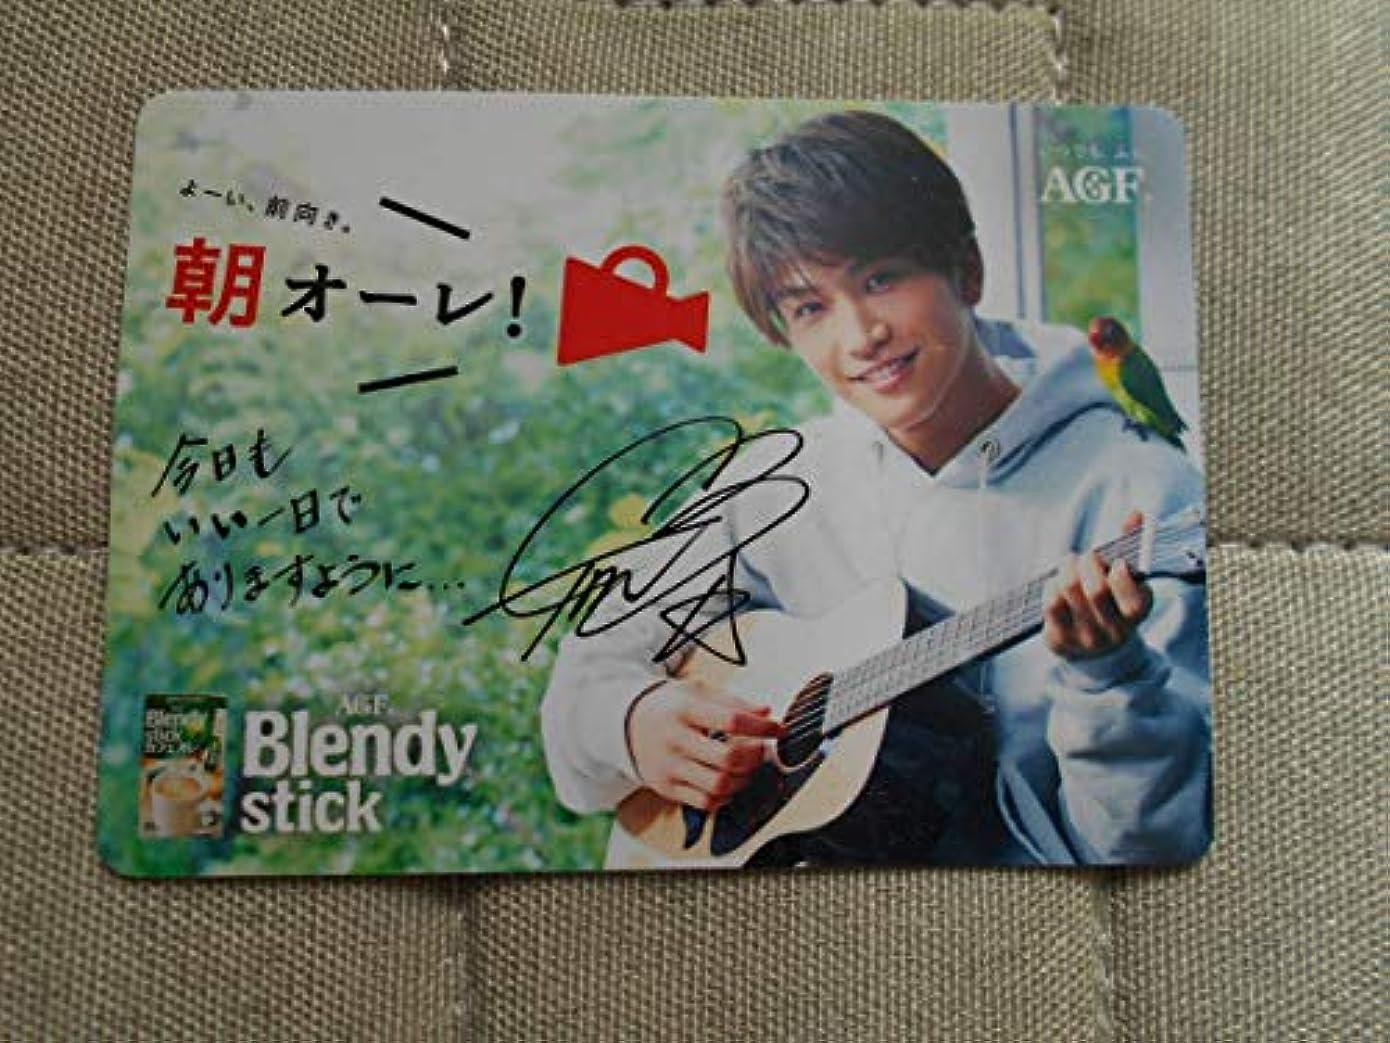 対処ビルダー政令Blendyブレンディ スティック アソート岩田剛典 メッセージカードのみがんちゃんEXILE三代目JSB